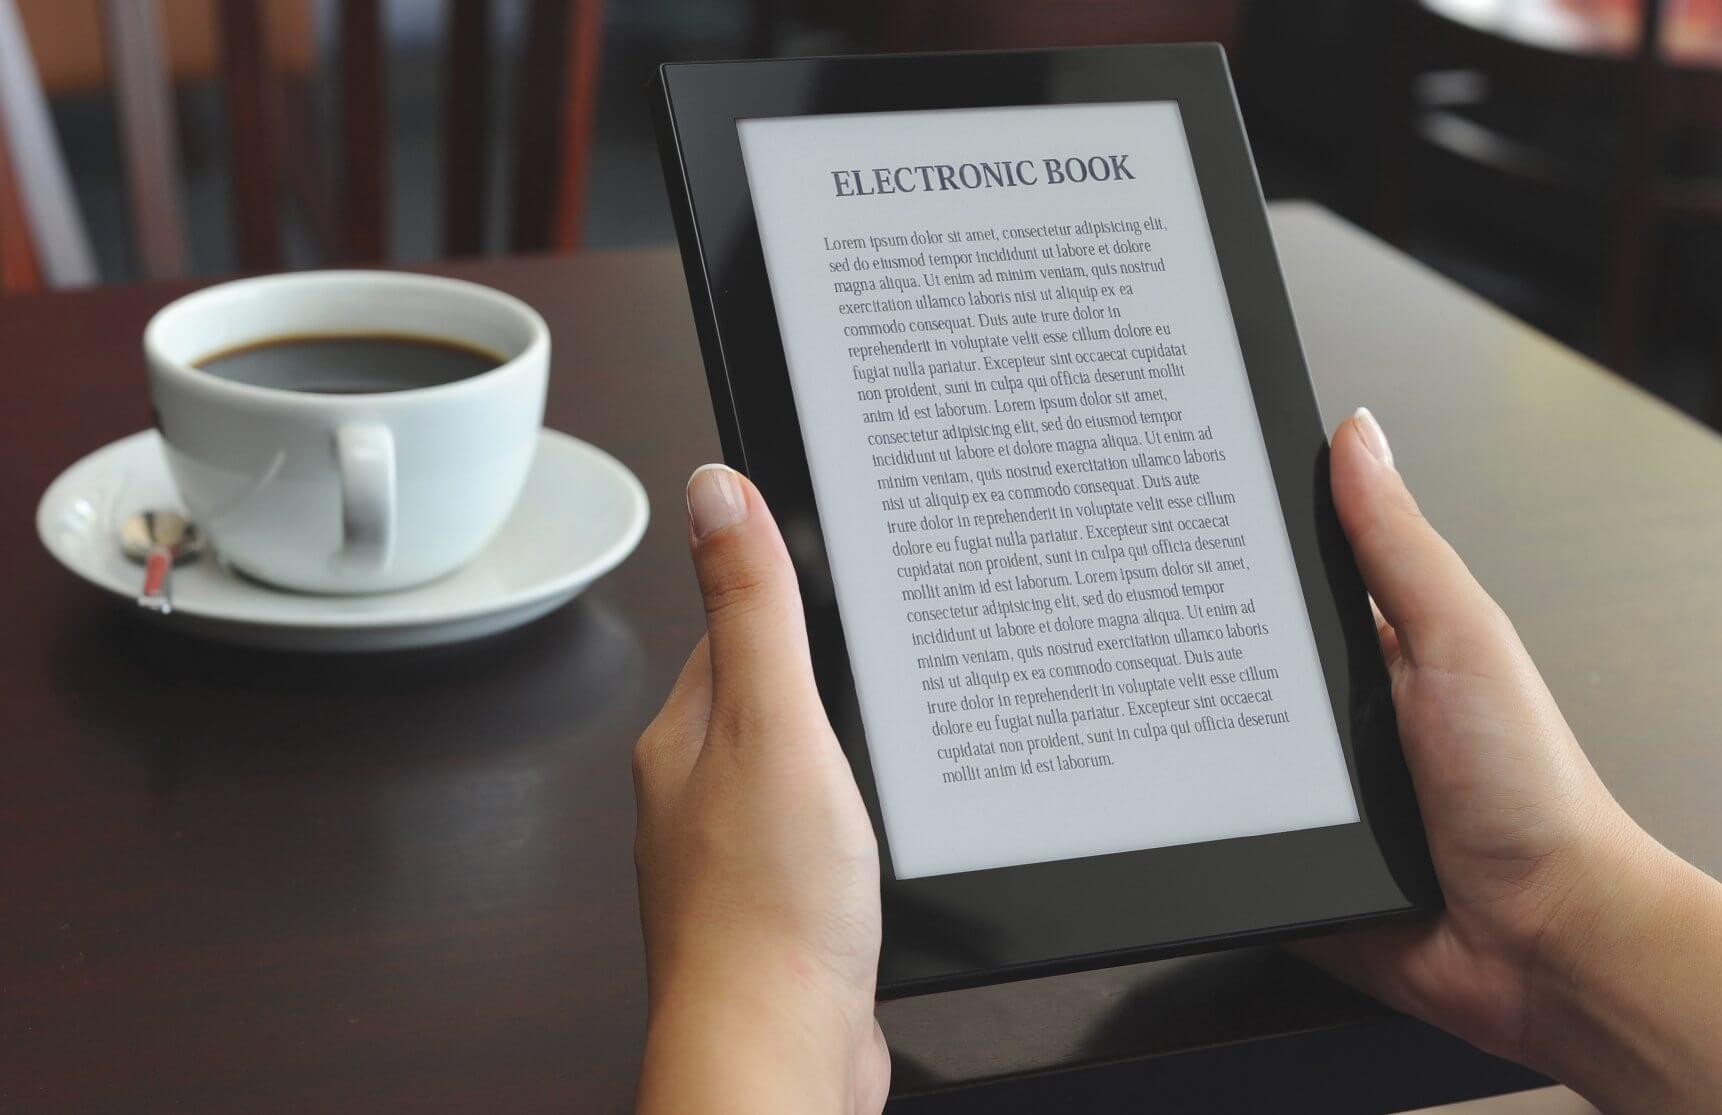 Livros eletrônicos e e-readers devem ficar mais baratos após decisão do STF